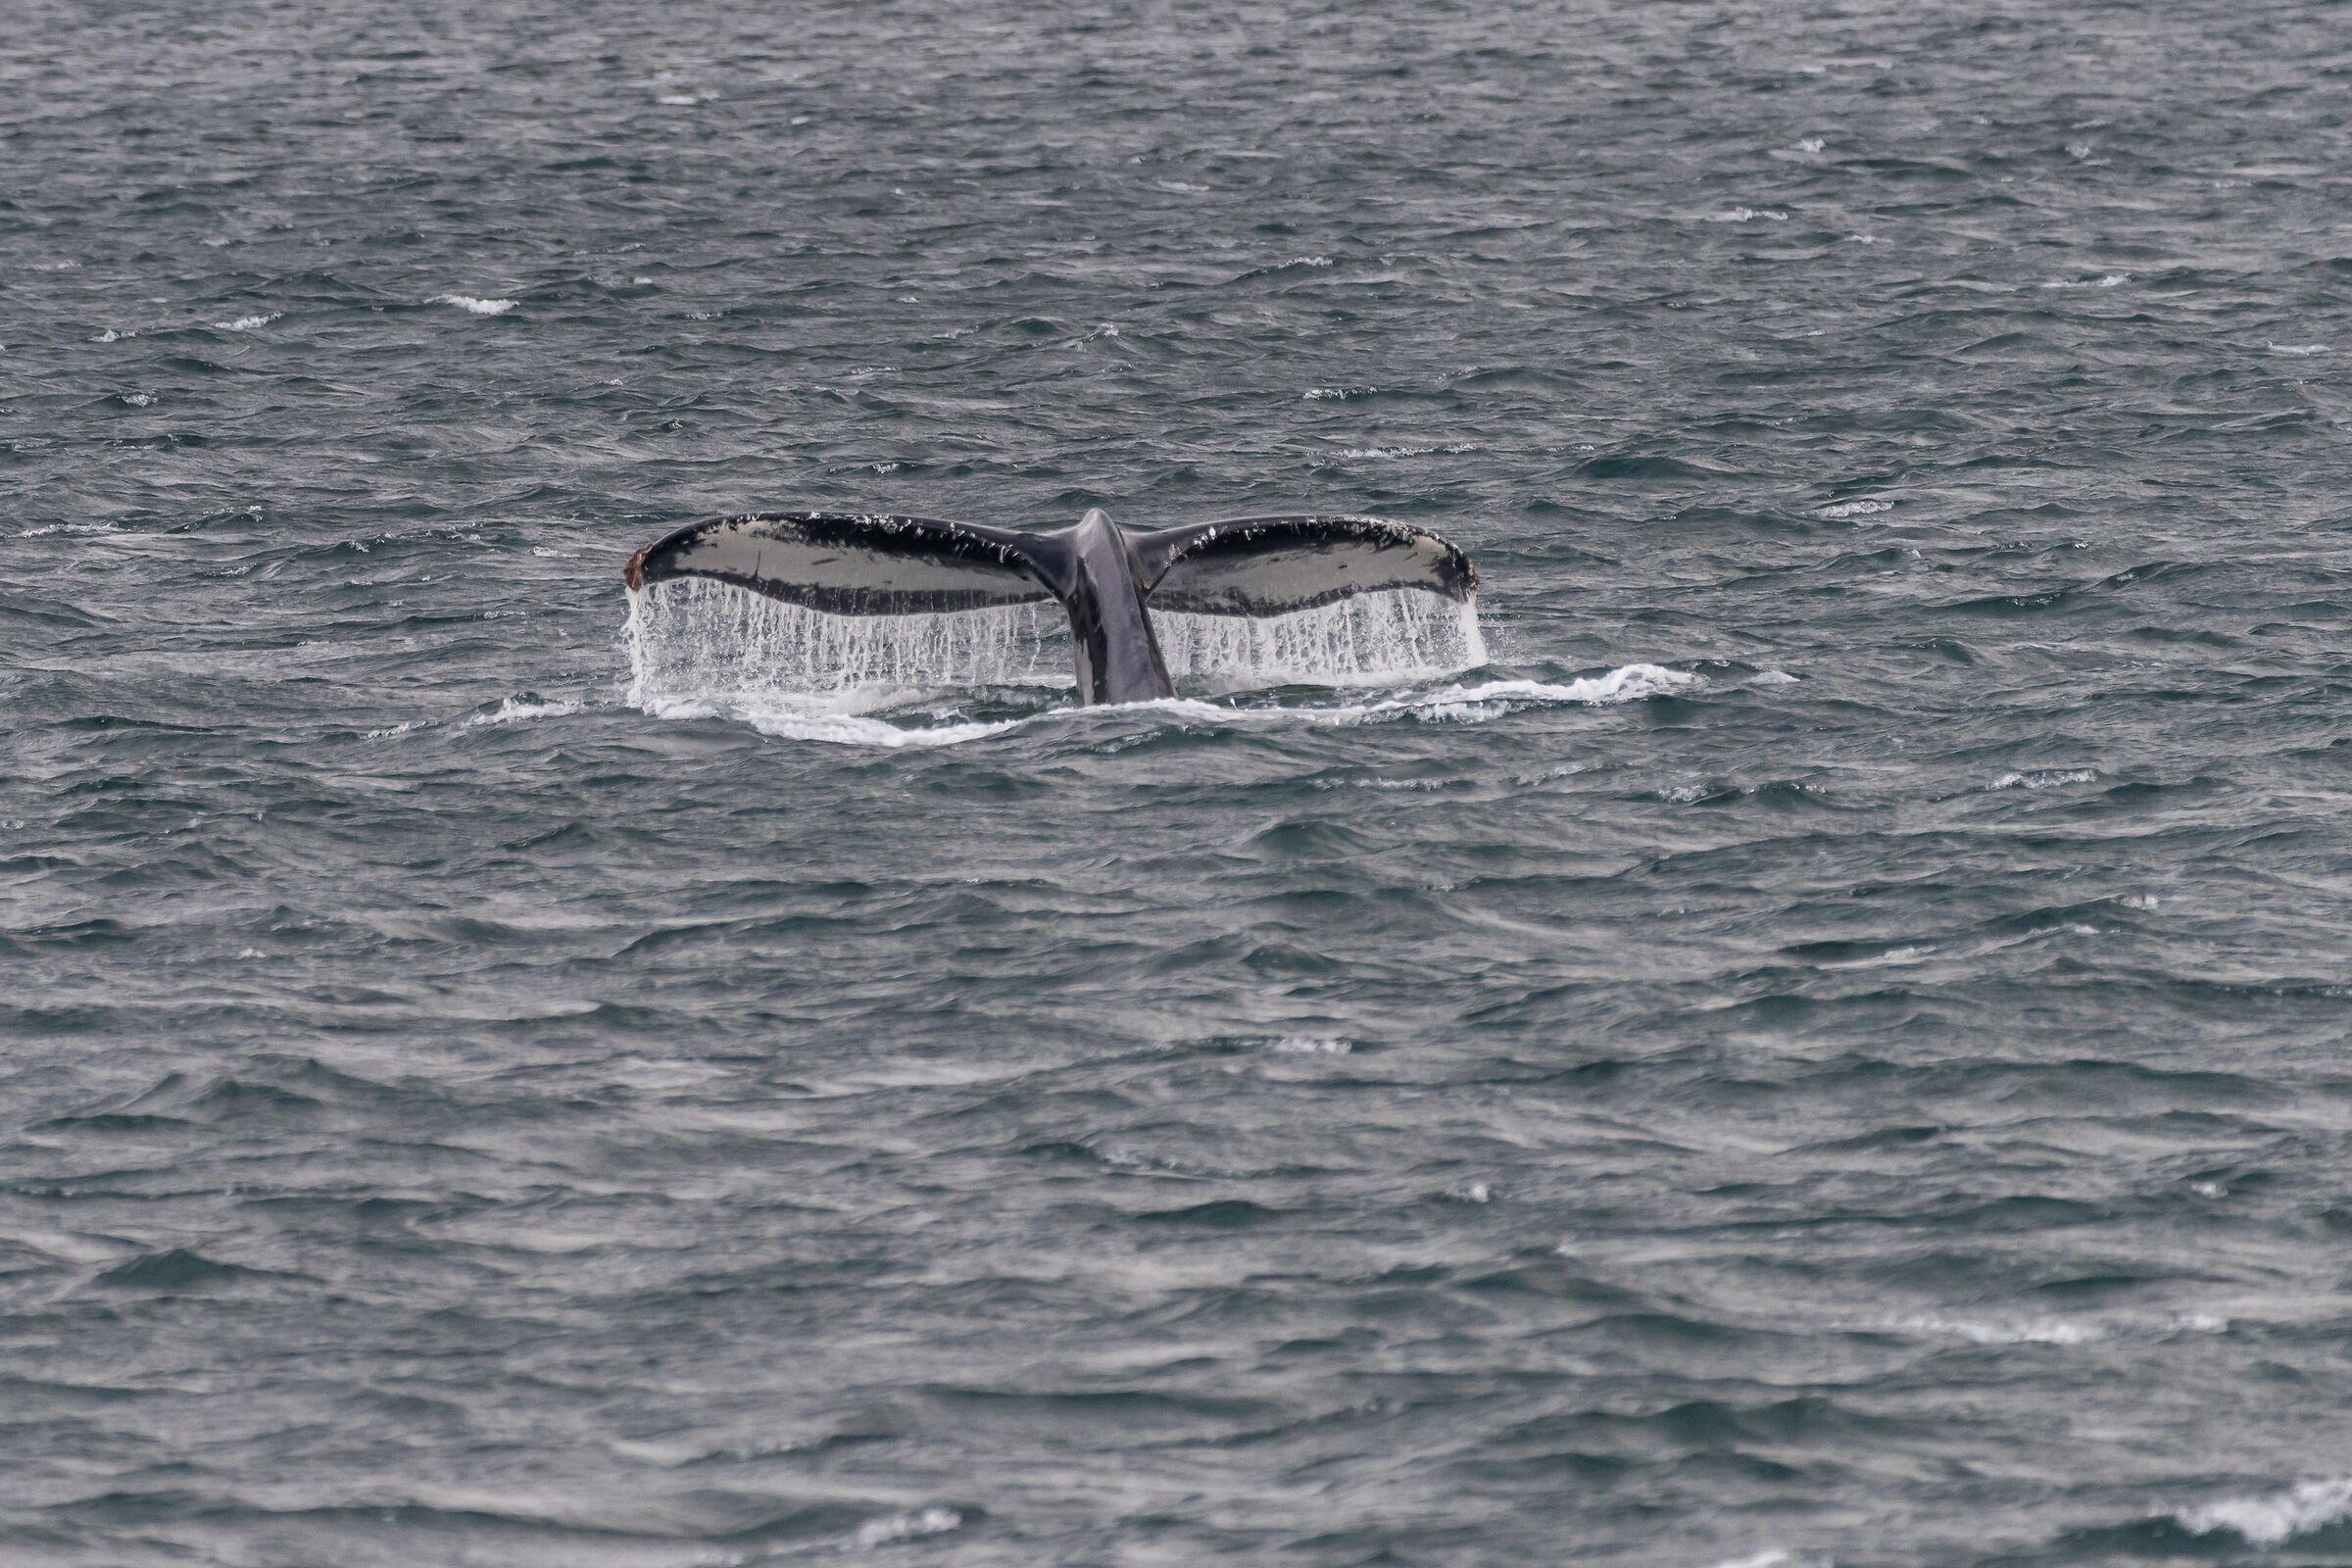 Humpout Whale...